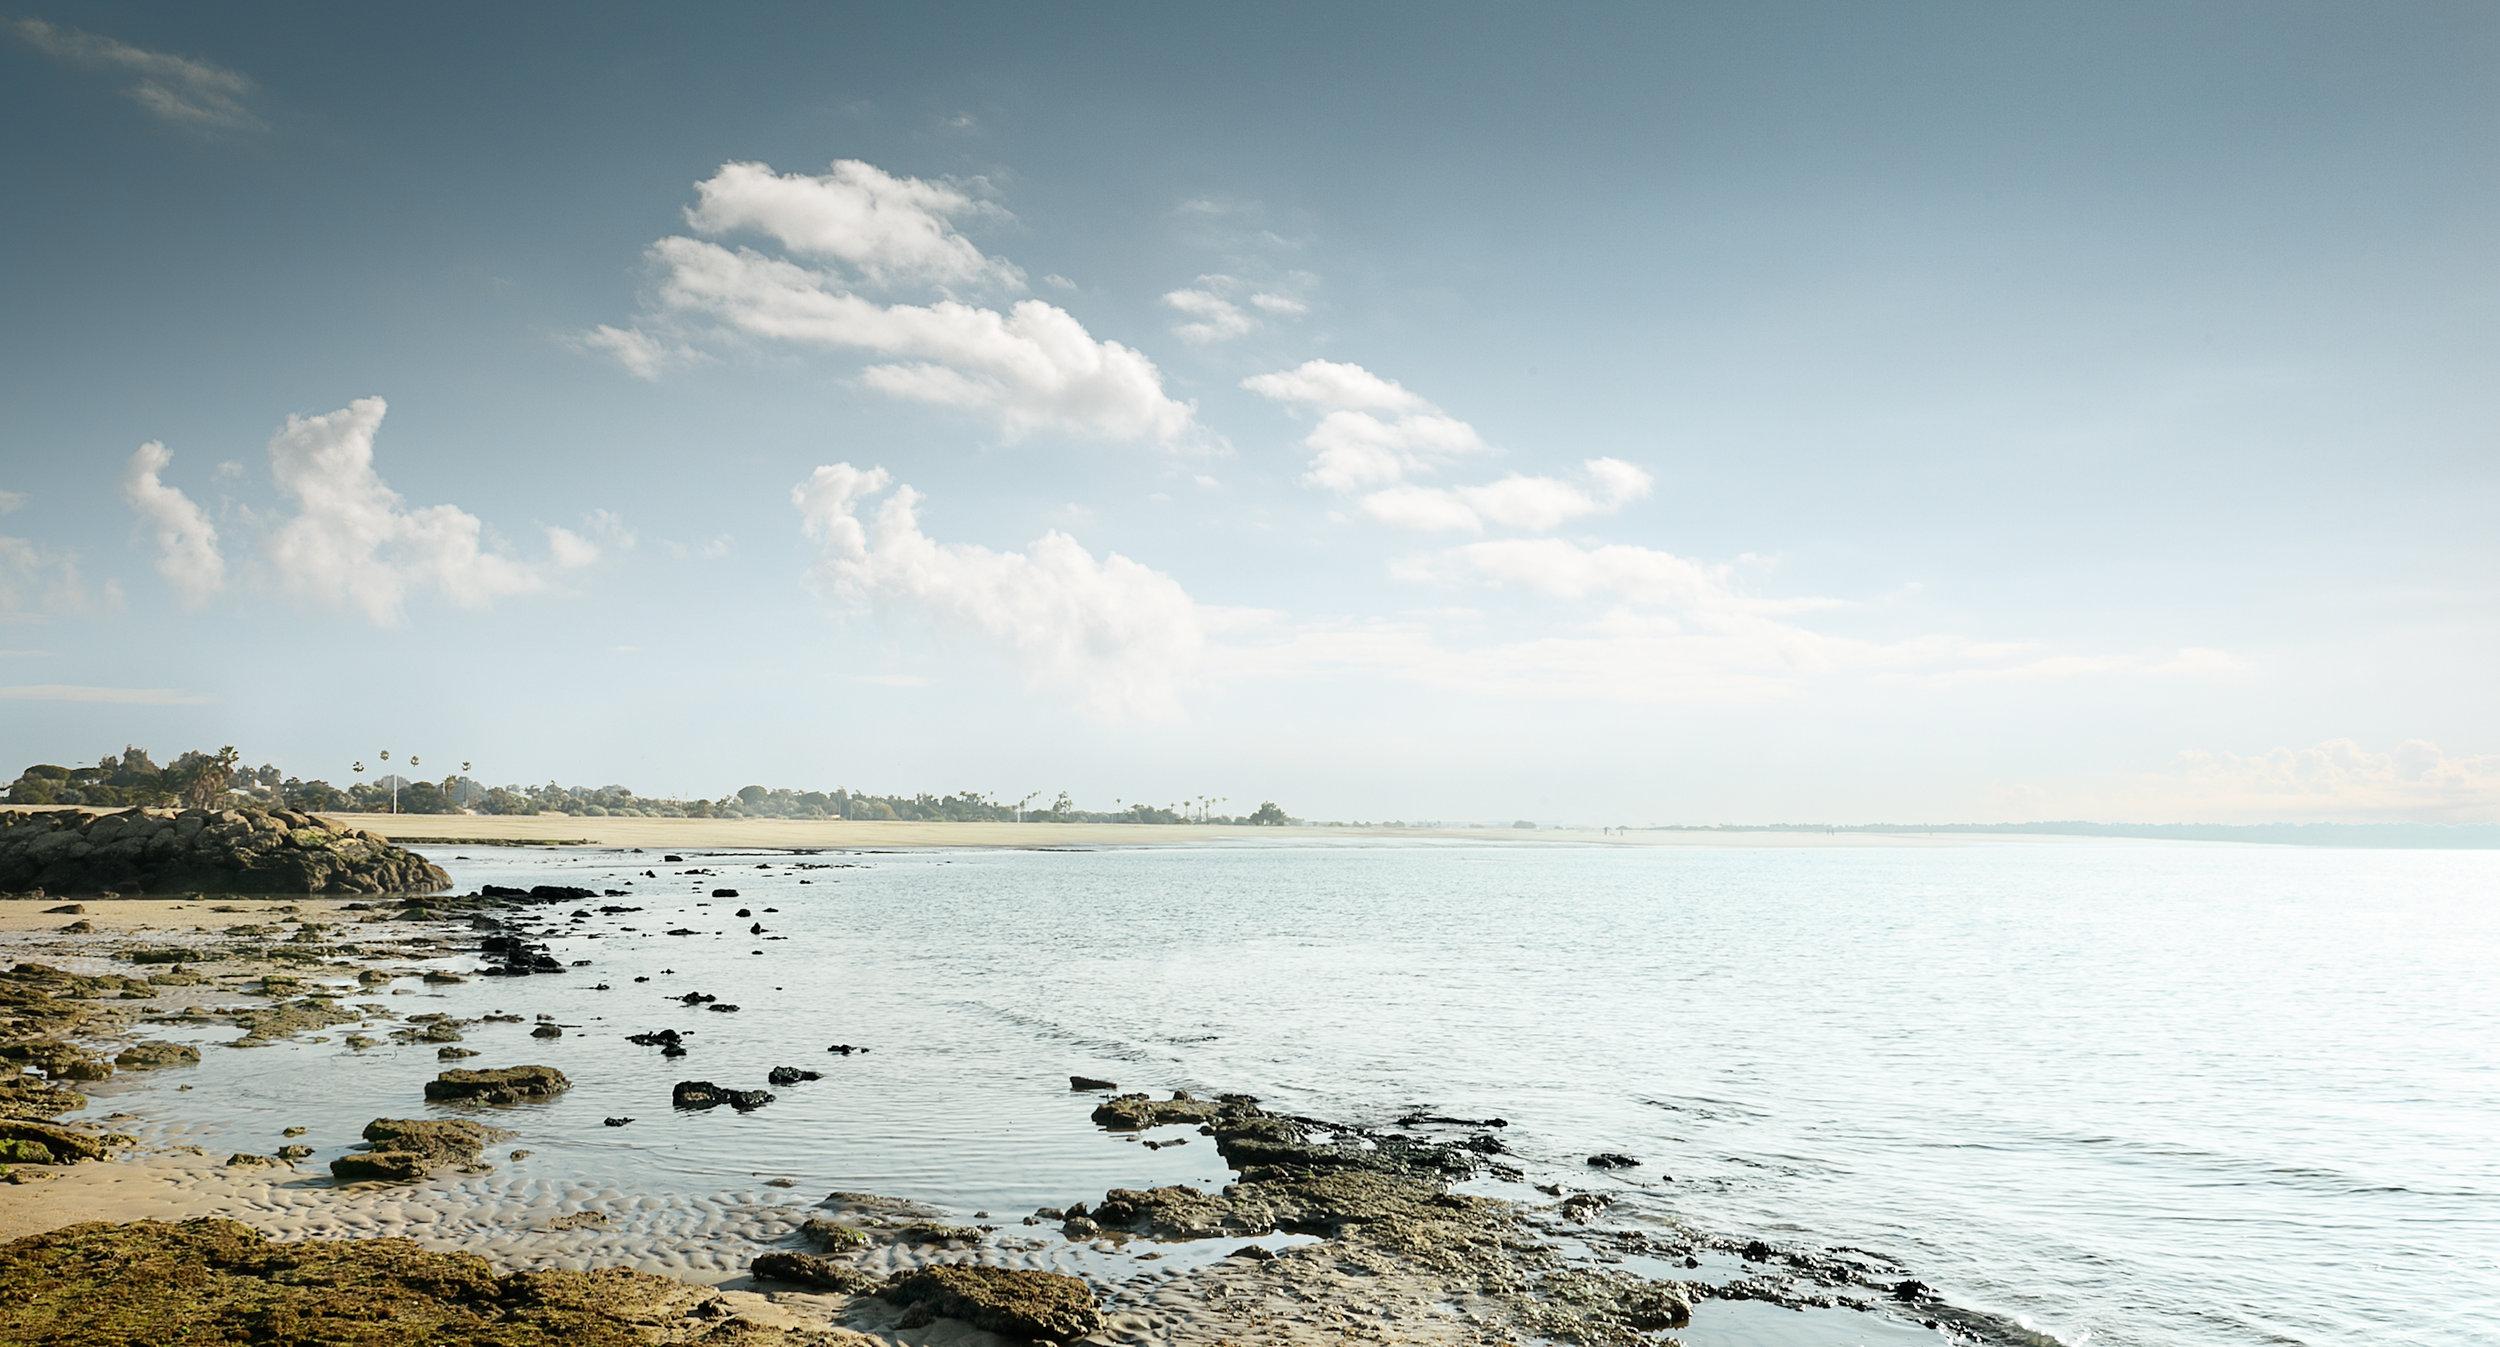 Playa de la Puntilla. Vista desde el arrecife en el Aculadero. Fotografia:  Raul Perez Pellicer .